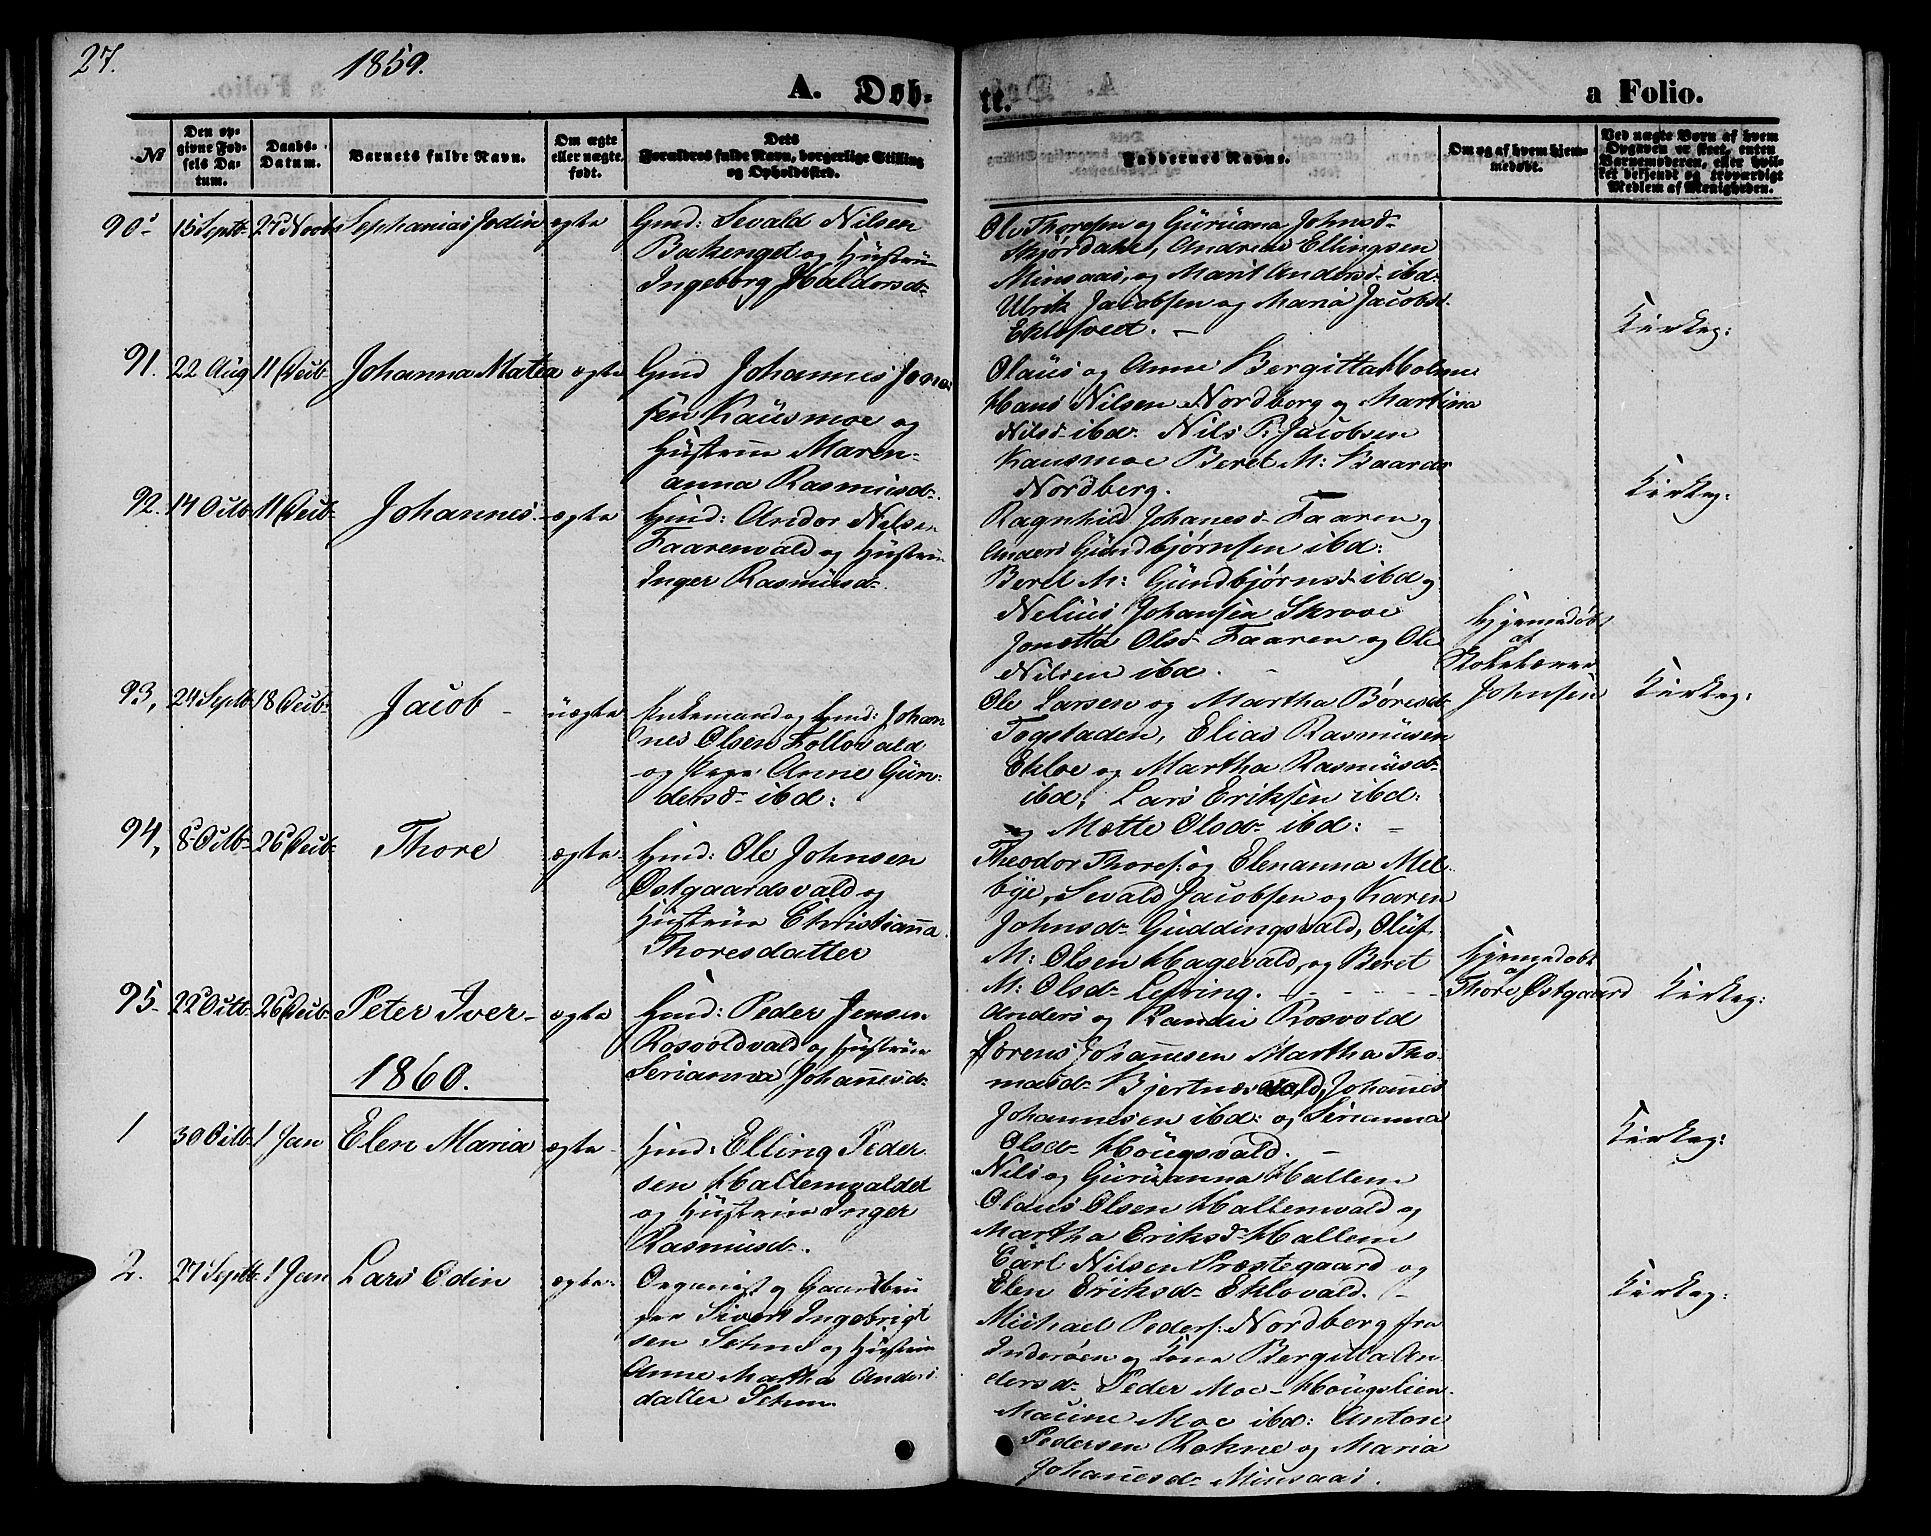 SAT, Ministerialprotokoller, klokkerbøker og fødselsregistre - Nord-Trøndelag, 723/L0254: Klokkerbok nr. 723C02, 1858-1868, s. 27